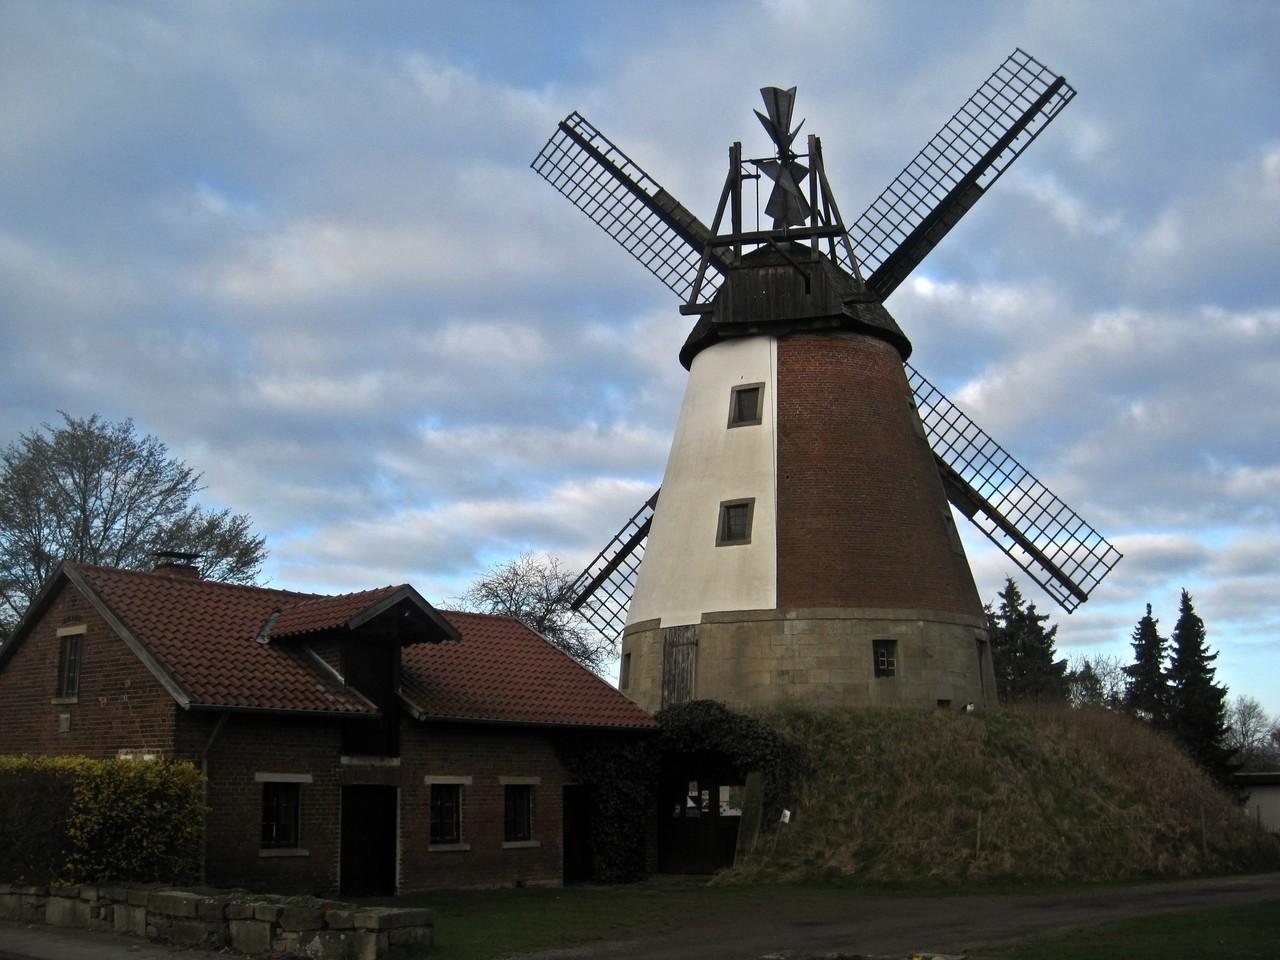 Windmühle Meißen - Wall-Holländer von 1869